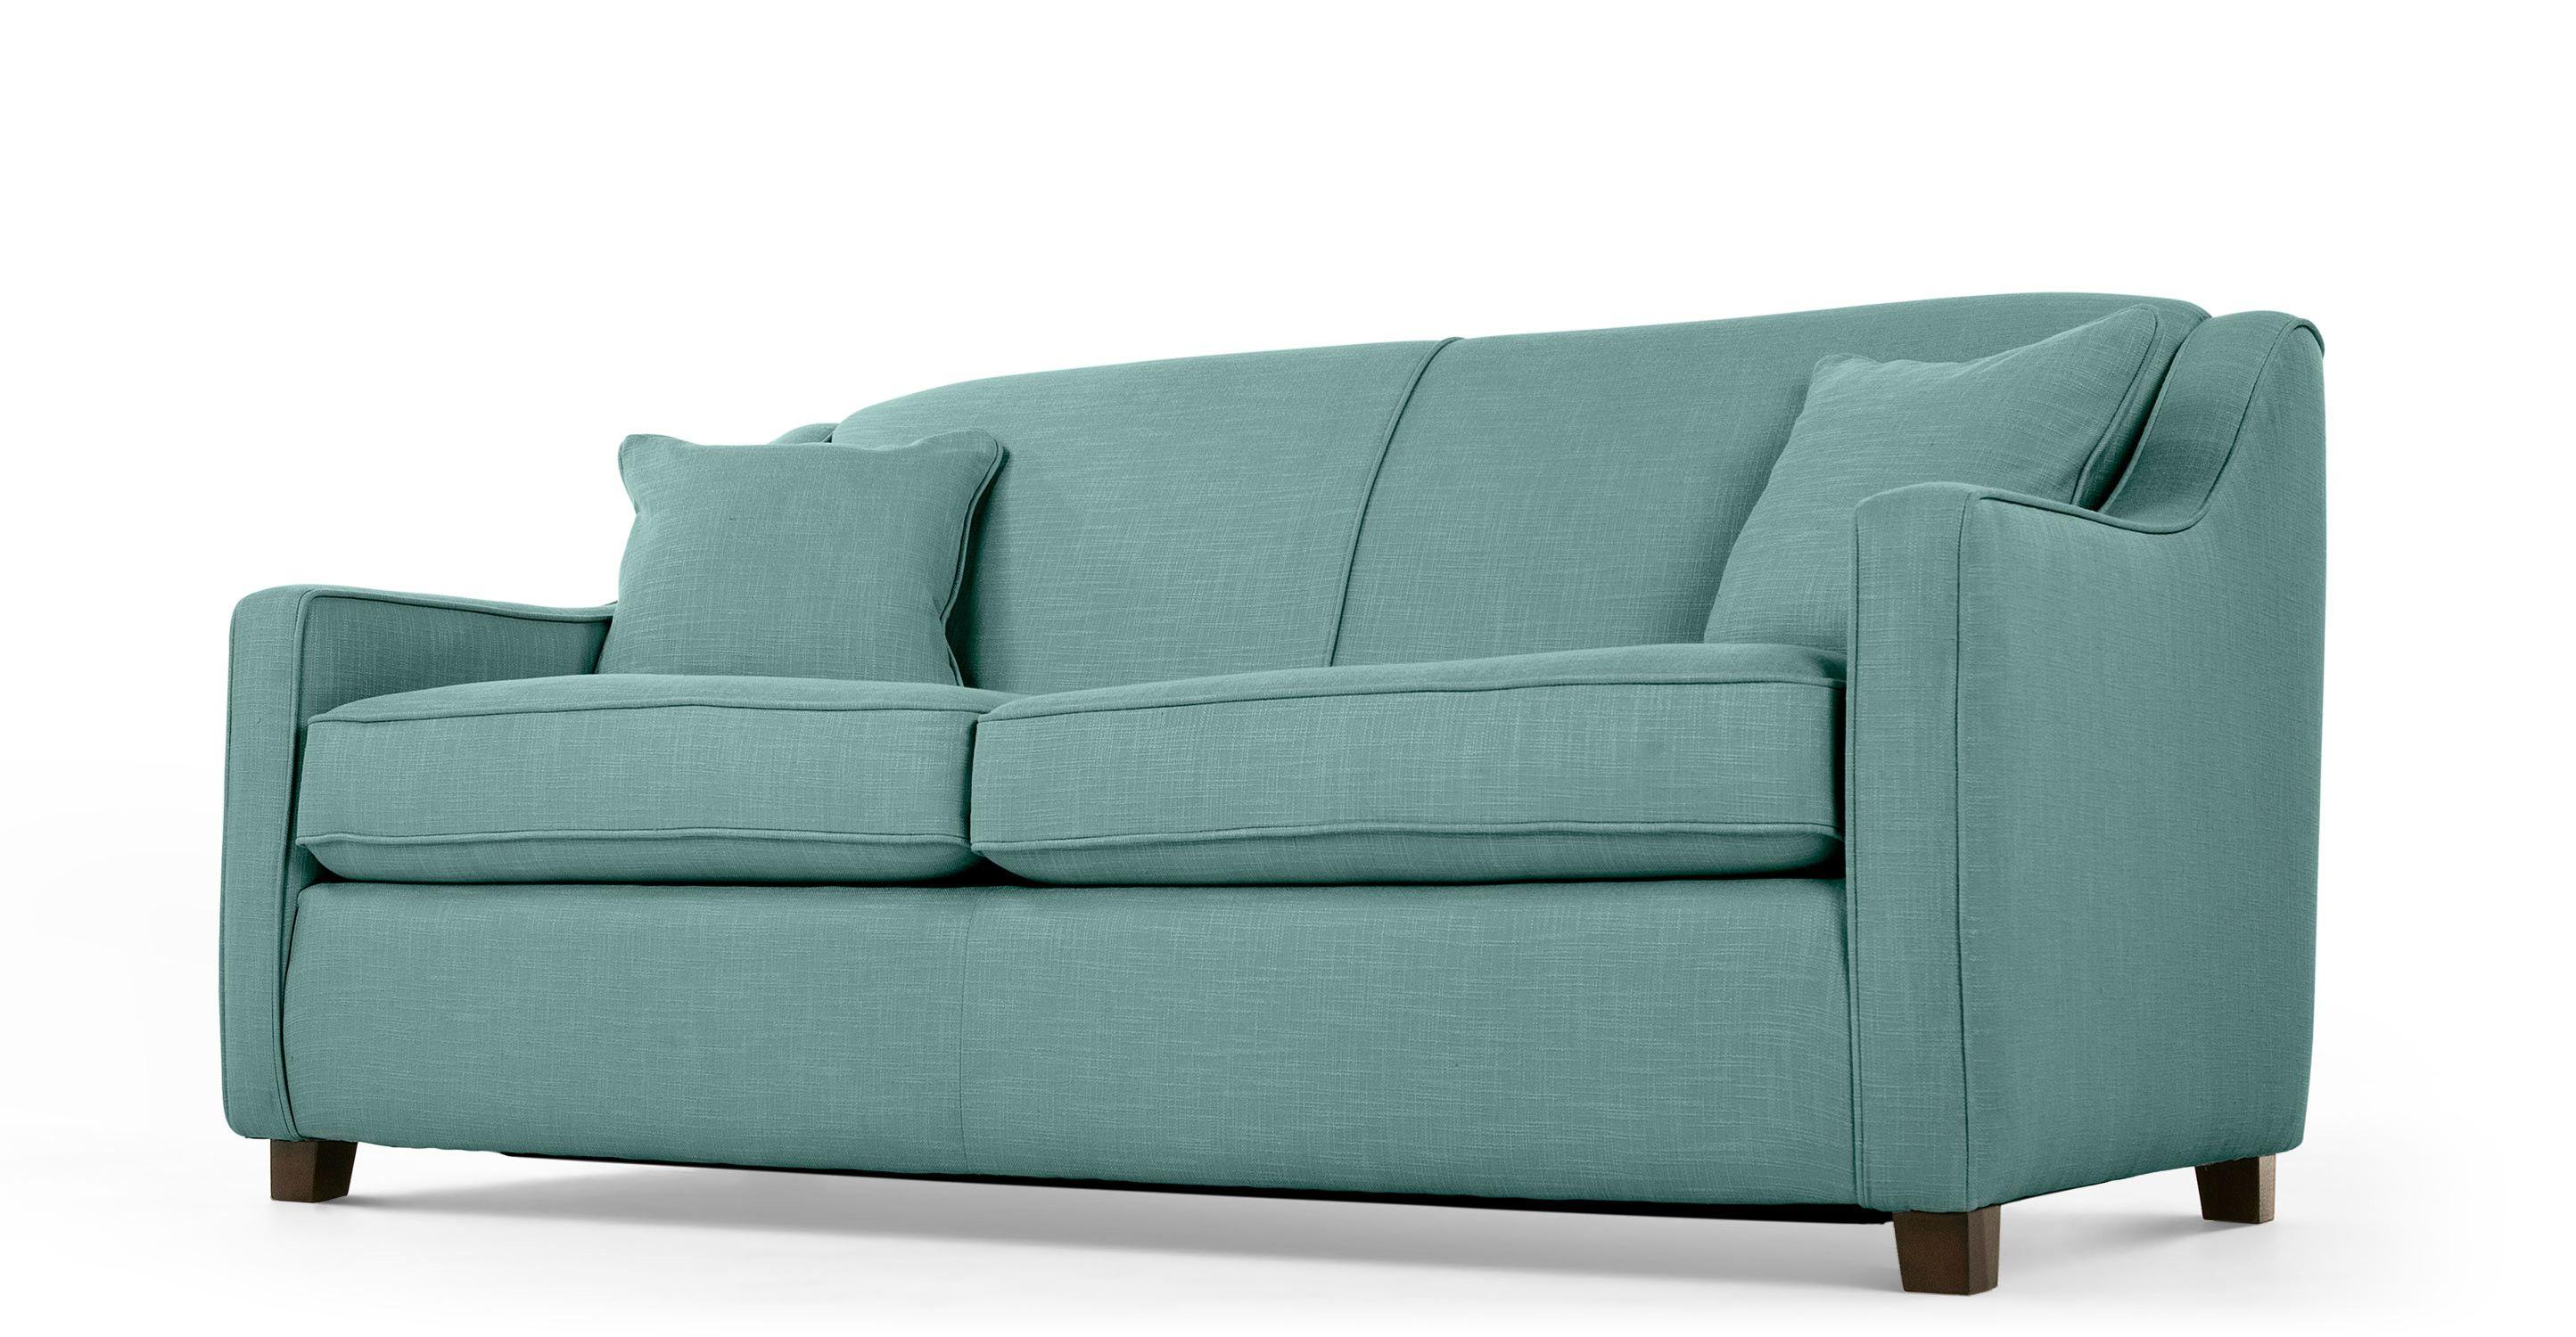 Halston un canapé convertible vert d eau